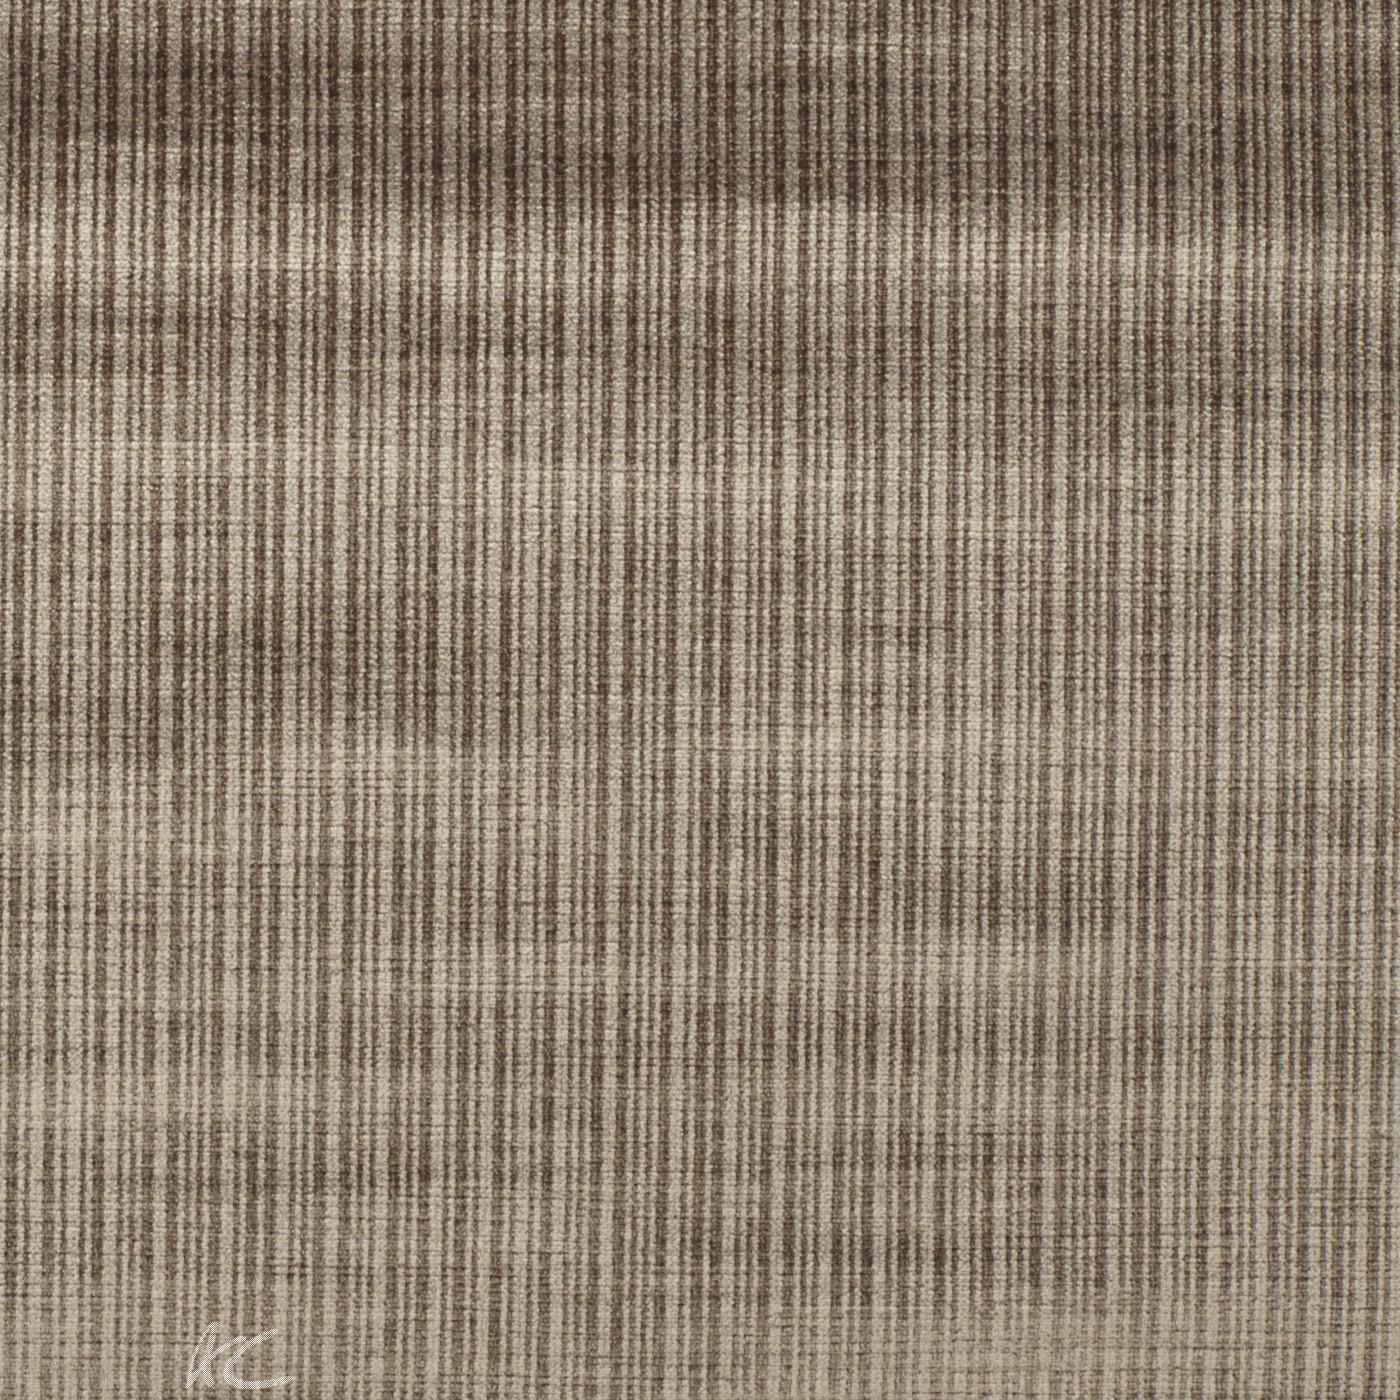 Prestigious Textiles Atrium Dome Linen Curtain Fabric